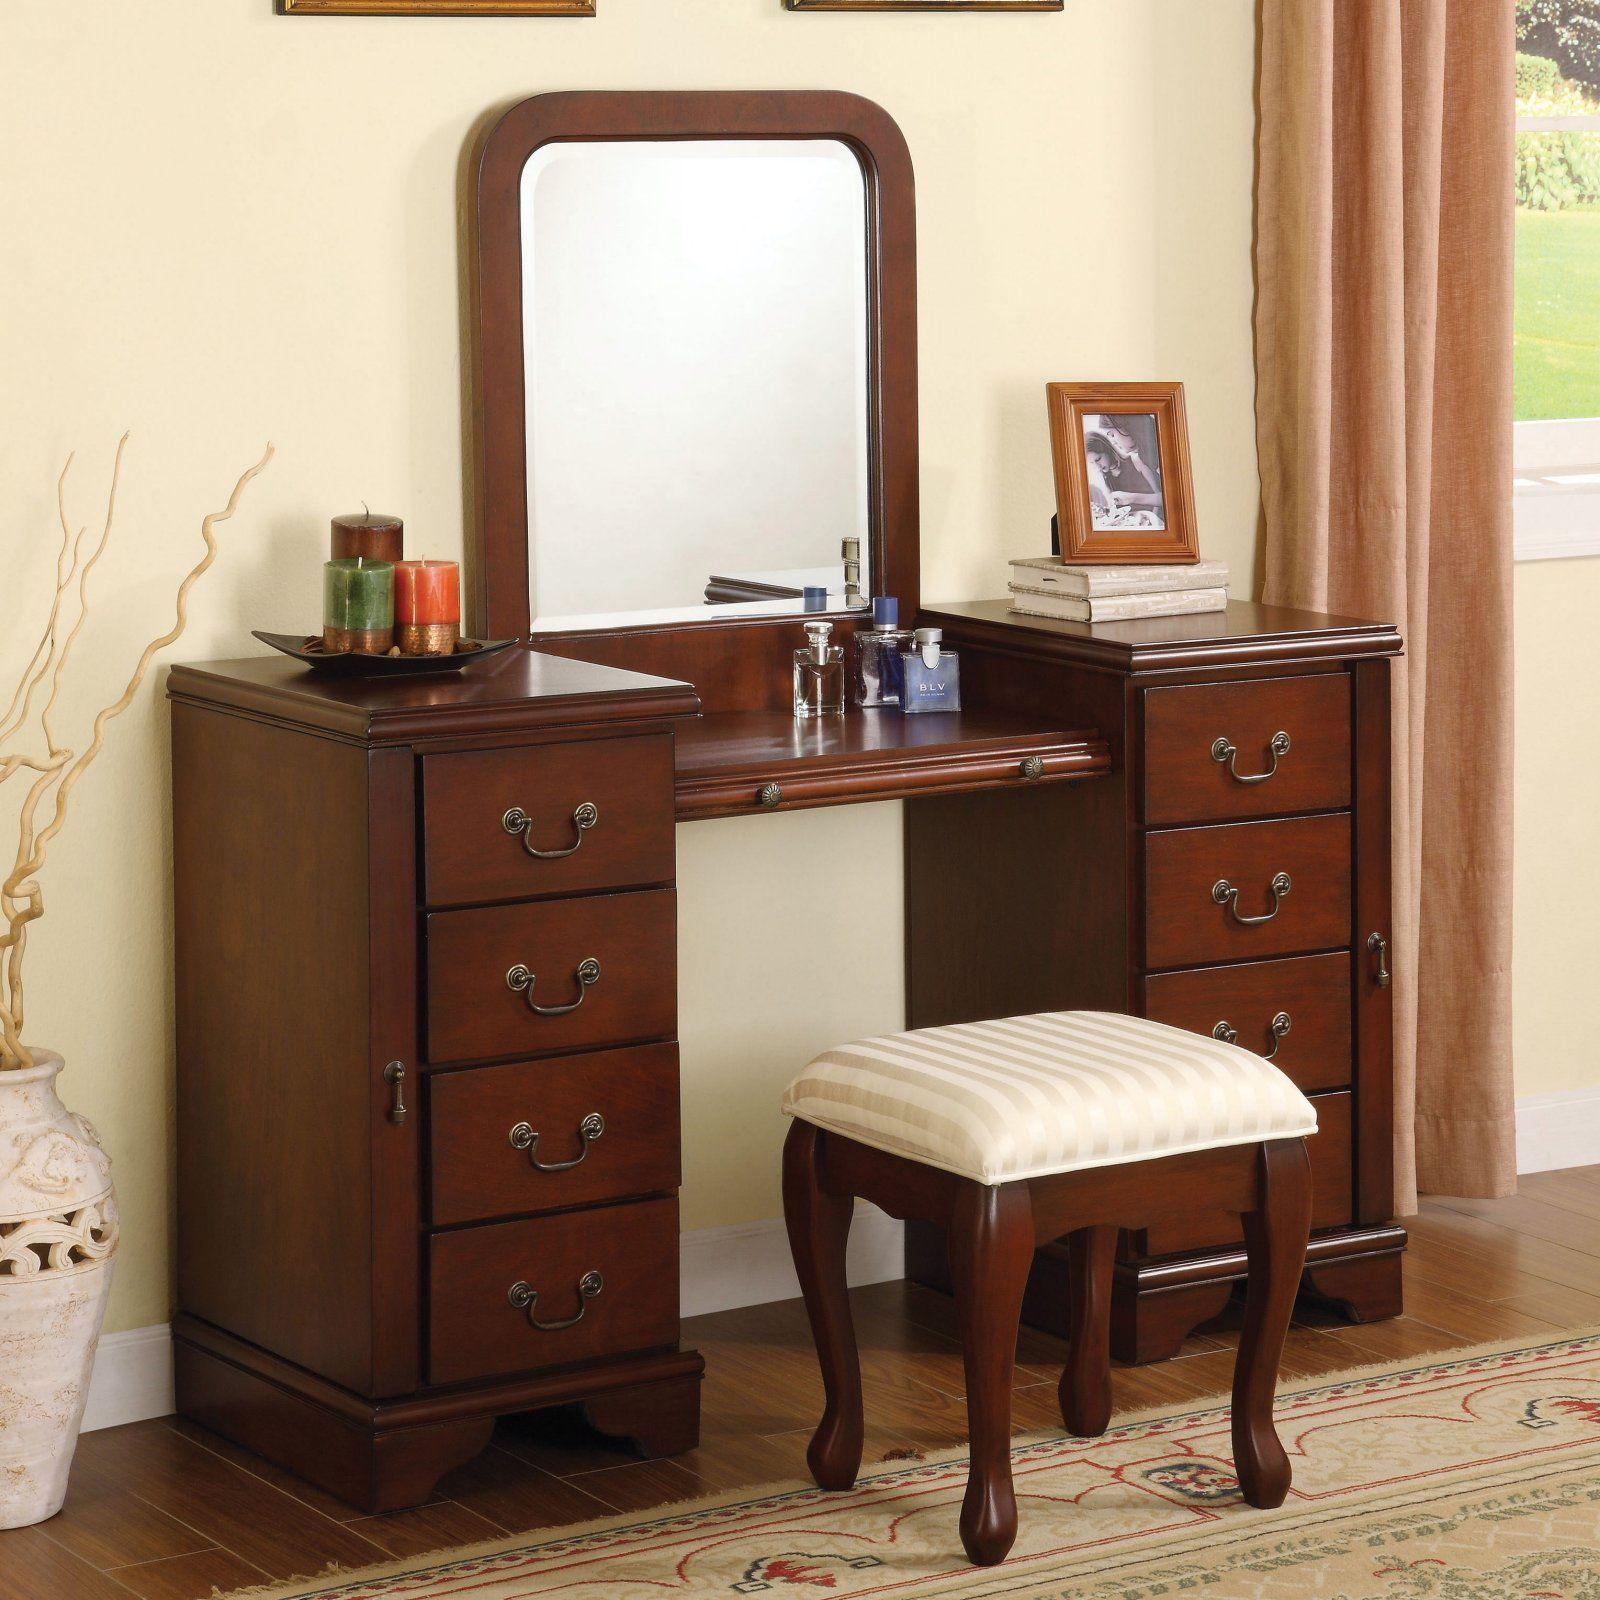 vintage bedroom vanity set types - http://www.endurethebear